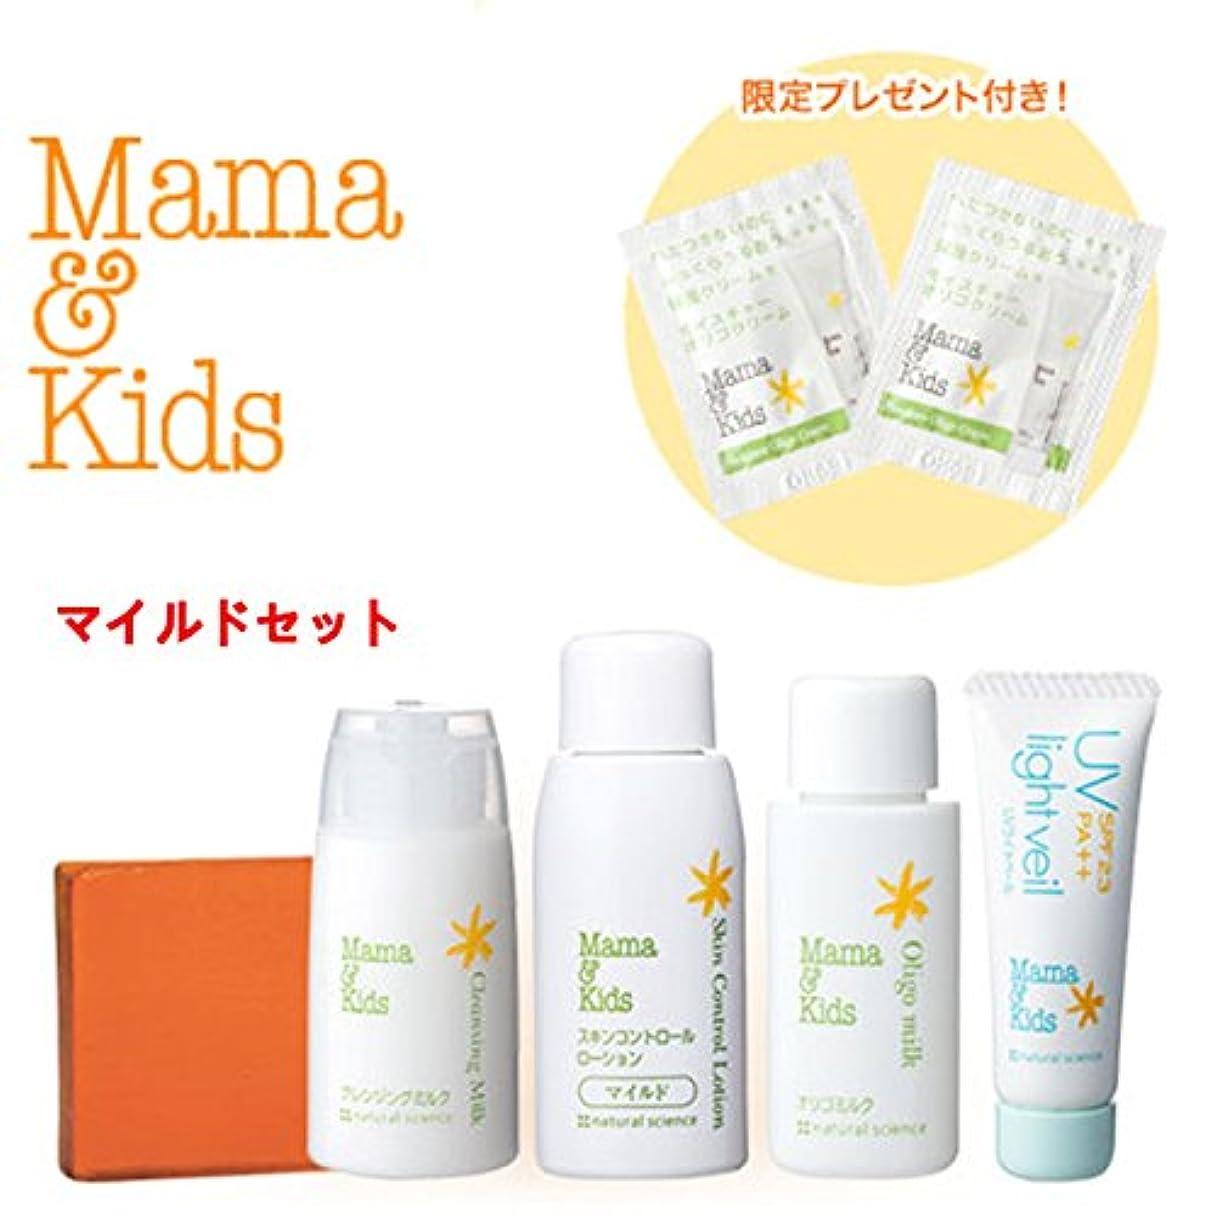 美的チャットボスママ&キッズぷるぷるお肌トライアルセット(マイルド)/Mama&Kids SkinCare Travel set/孕期基础护肤试用装普通保湿